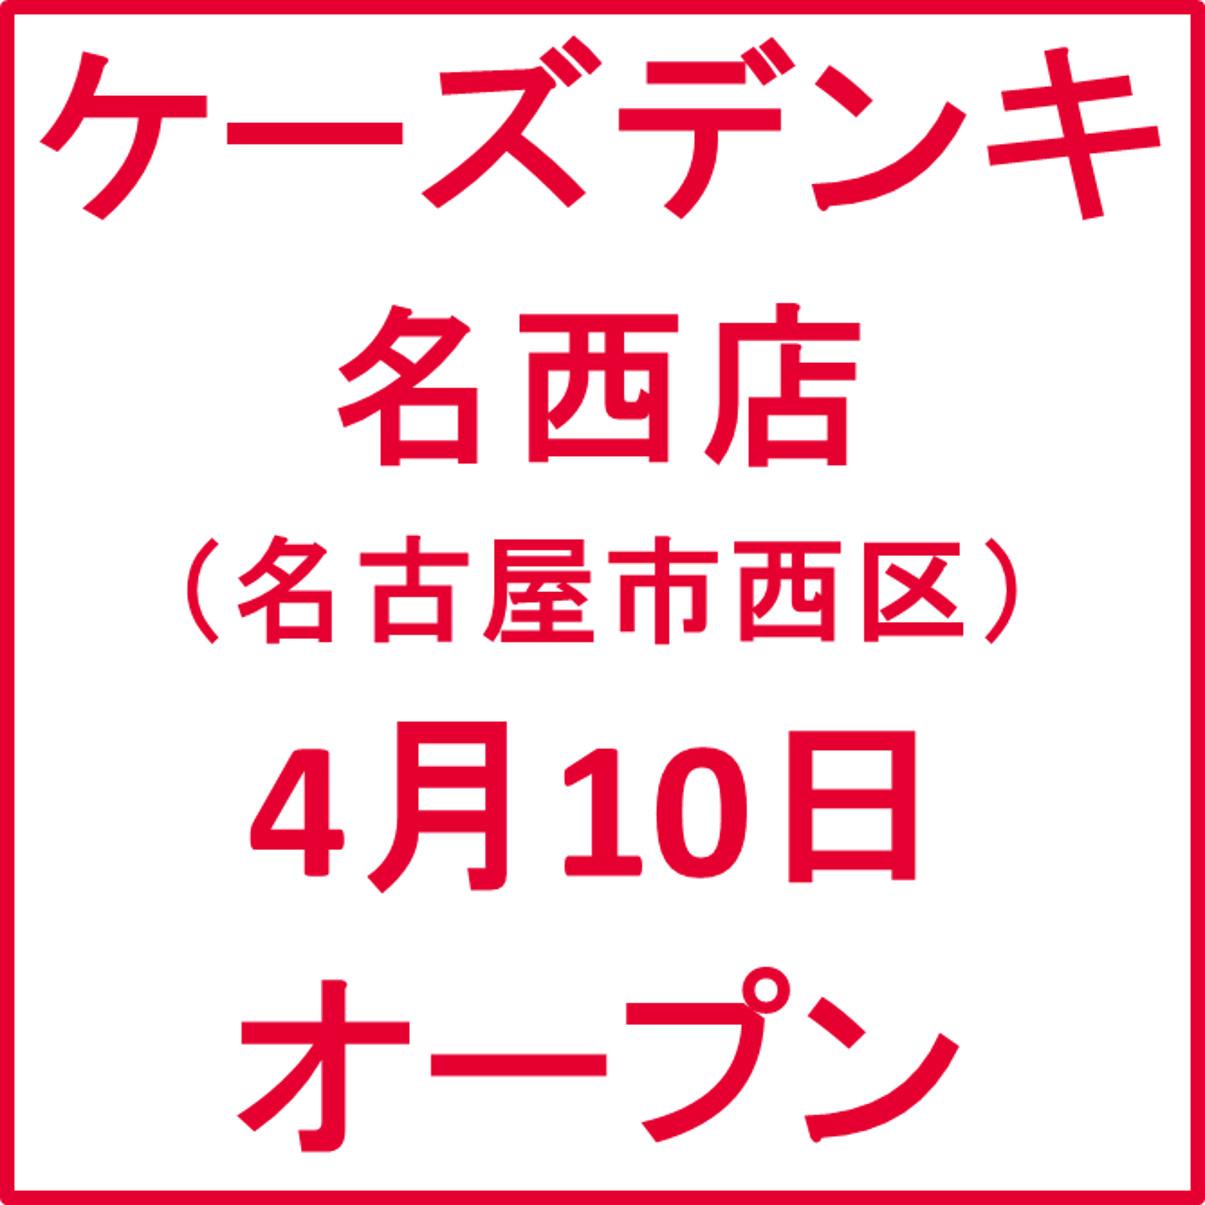 ケーズデンキ名西店オープンアイキャッチ1205